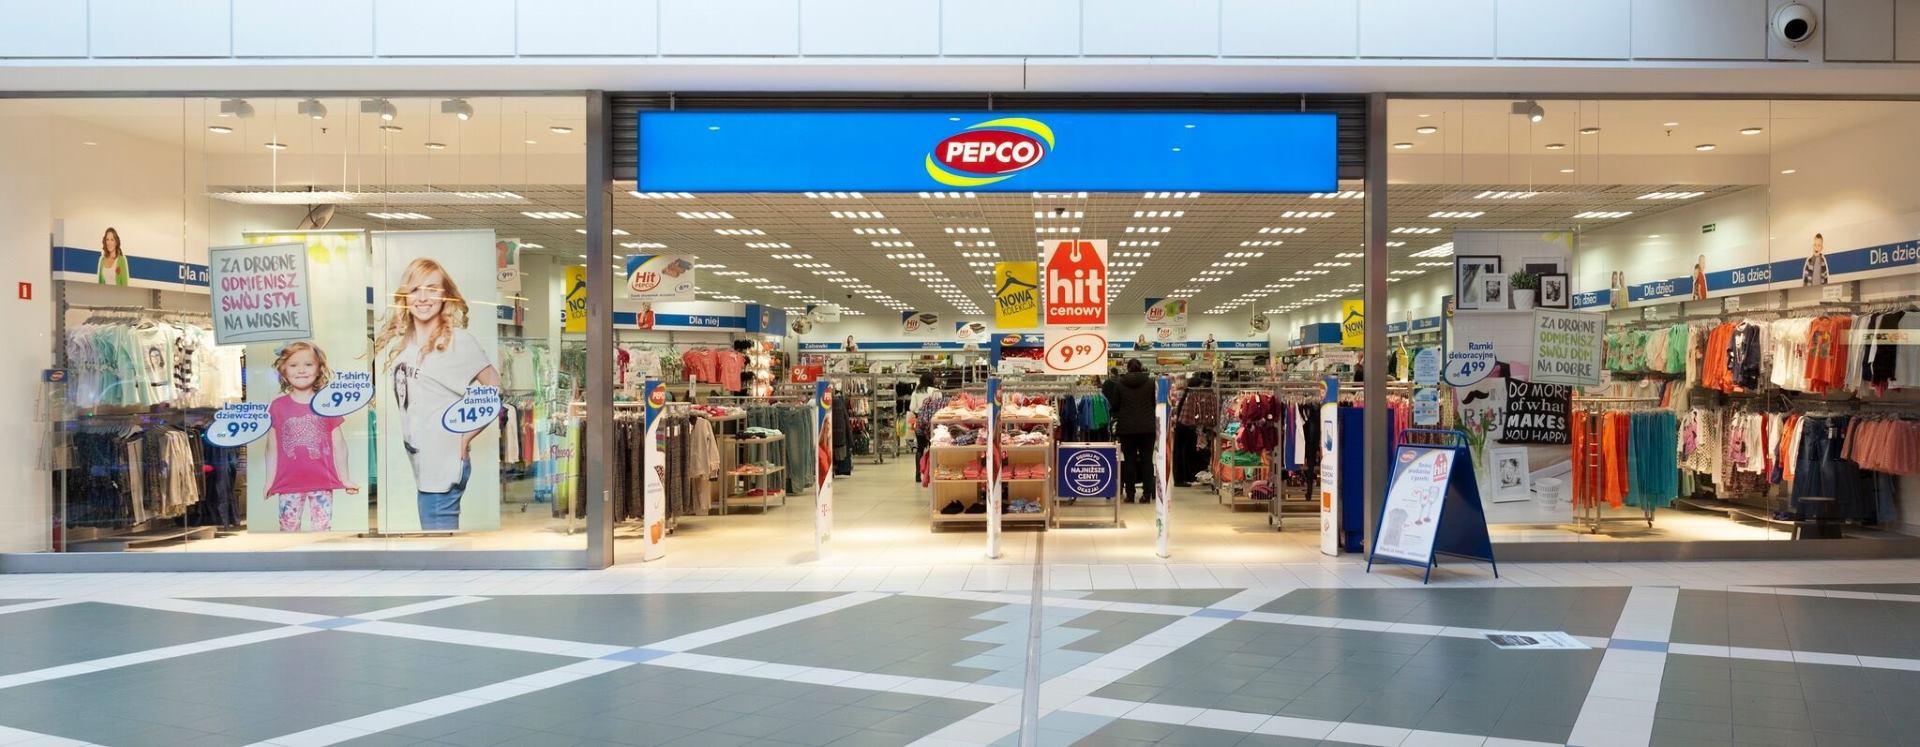 PEPCO otvara svoje prve trgovine u Republici Hrvatskoj